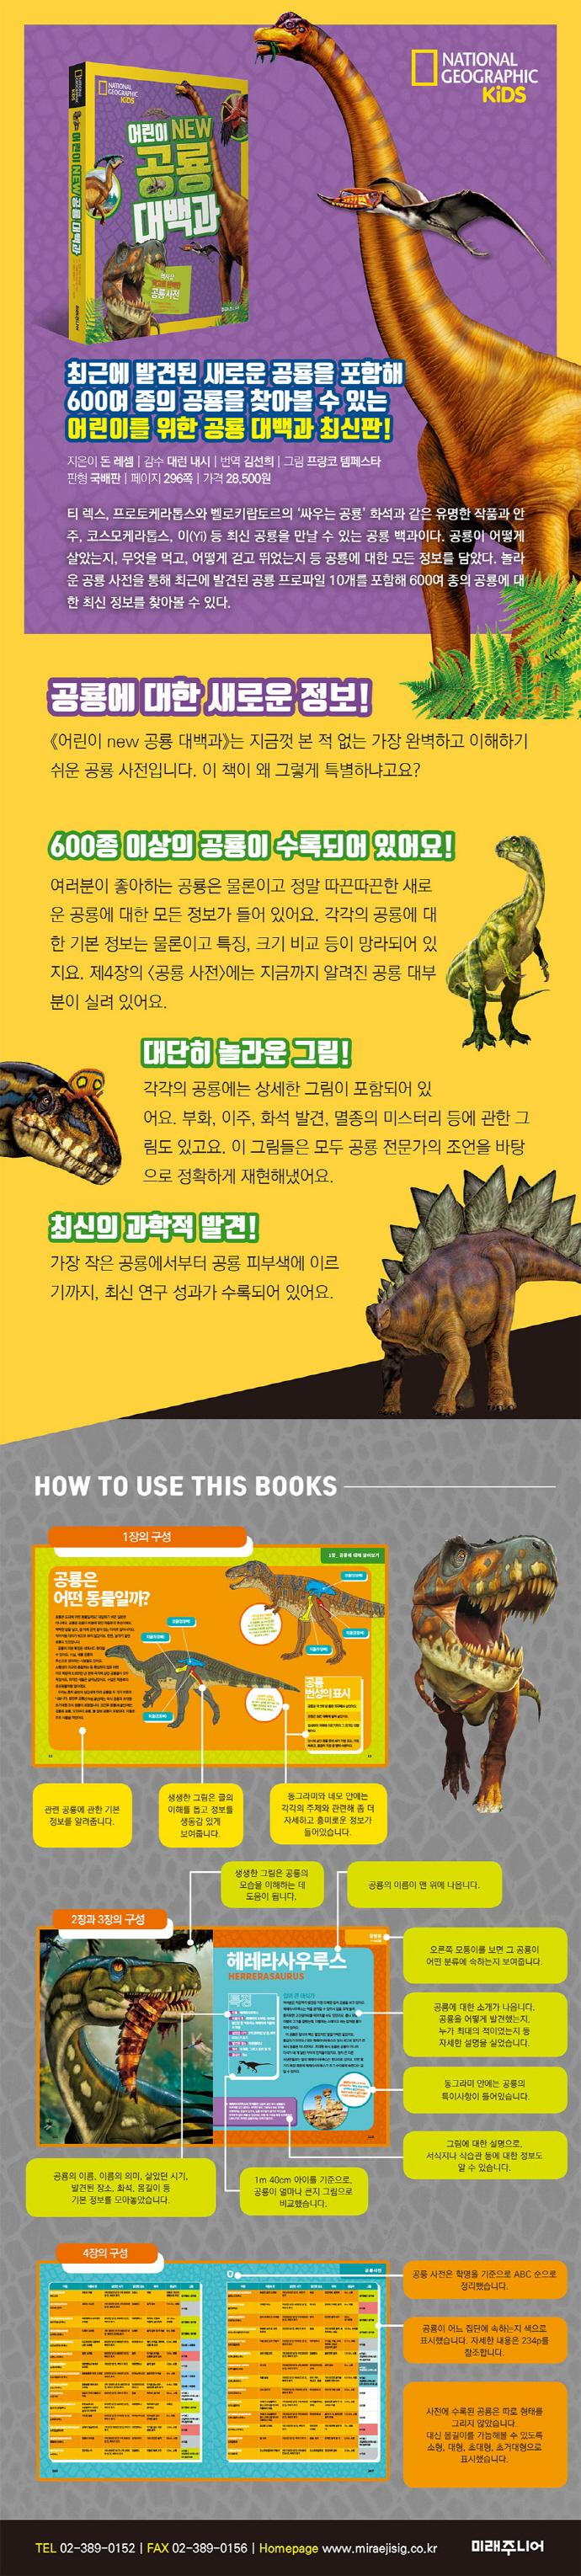 어린이 NEW 공룡 대백과(NATIONAL GEOGRAPHIC KIDS)(양장본 HardCover) 도서 상세이미지